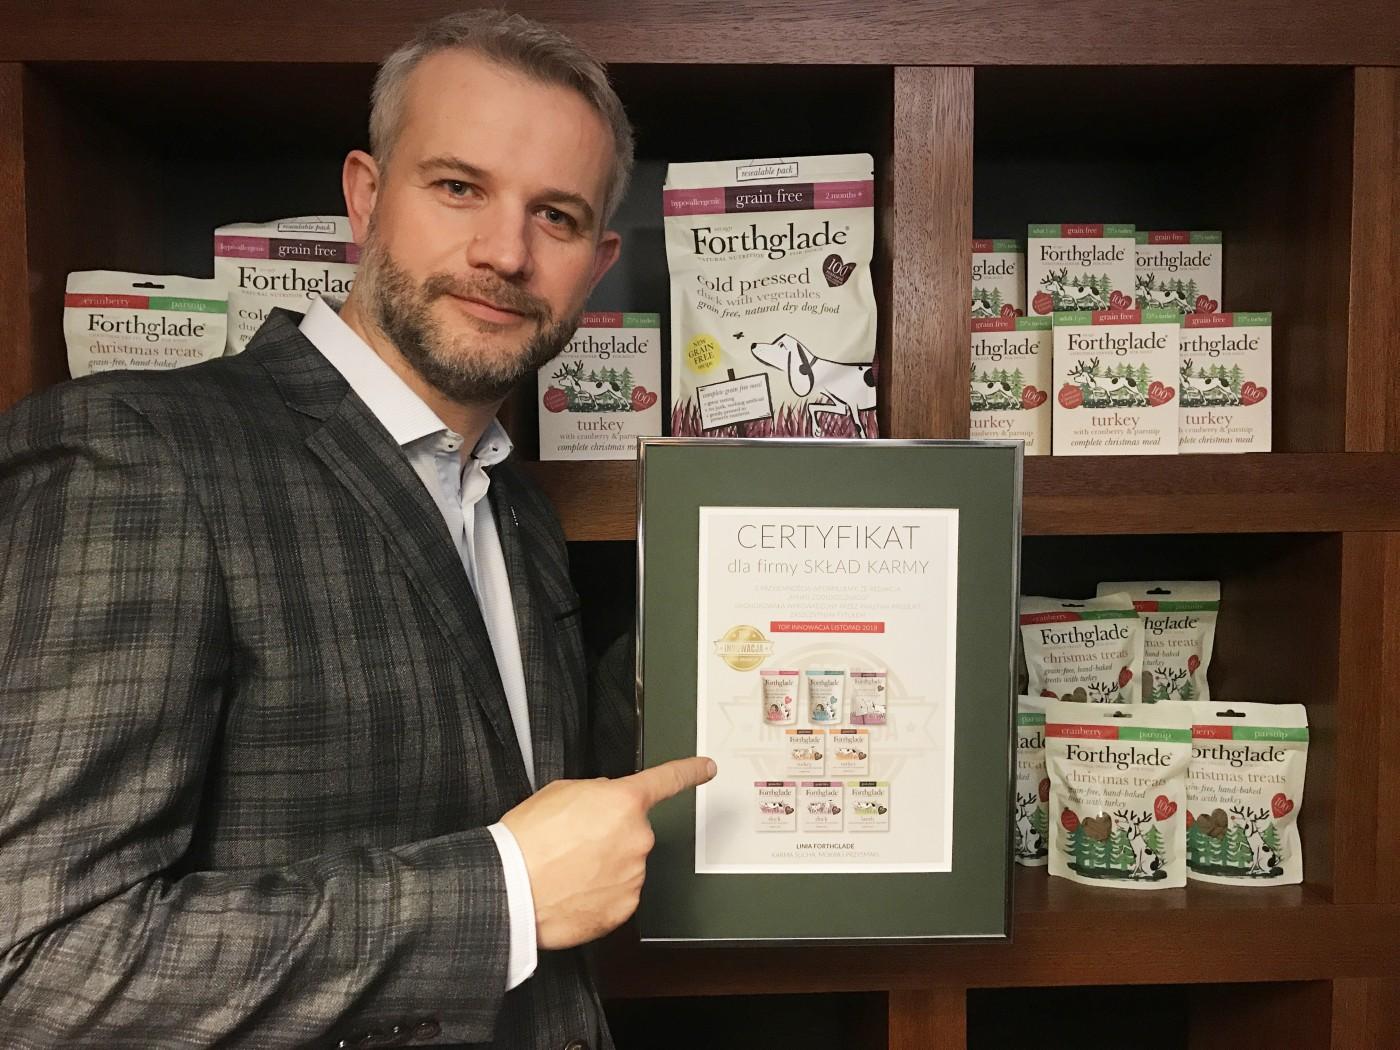 Produkty Forthglade zdobyły tytuł TOP INNOWACJI!